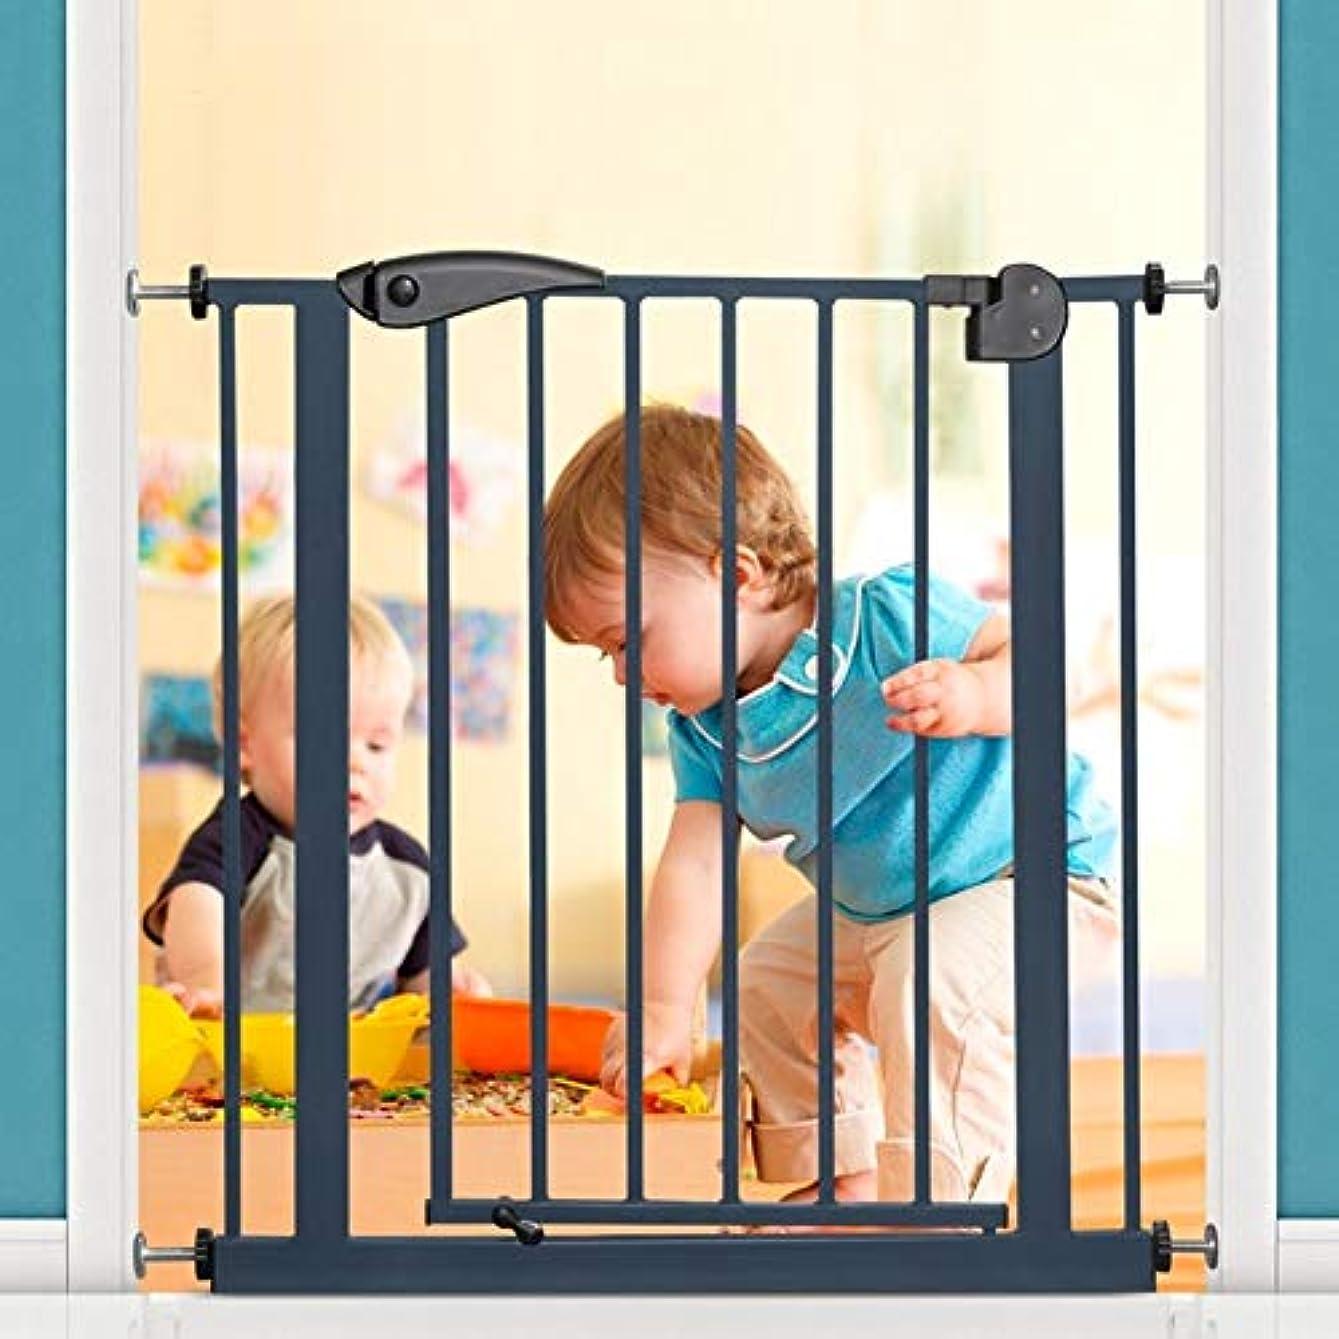 高層ビル実質的に窒素育児 ベビーゲート 子供のための安全扉、屋内階段門、圧力マウントホワイトメタルペットゲート ベビーフェンス (Size : 150-160CM)